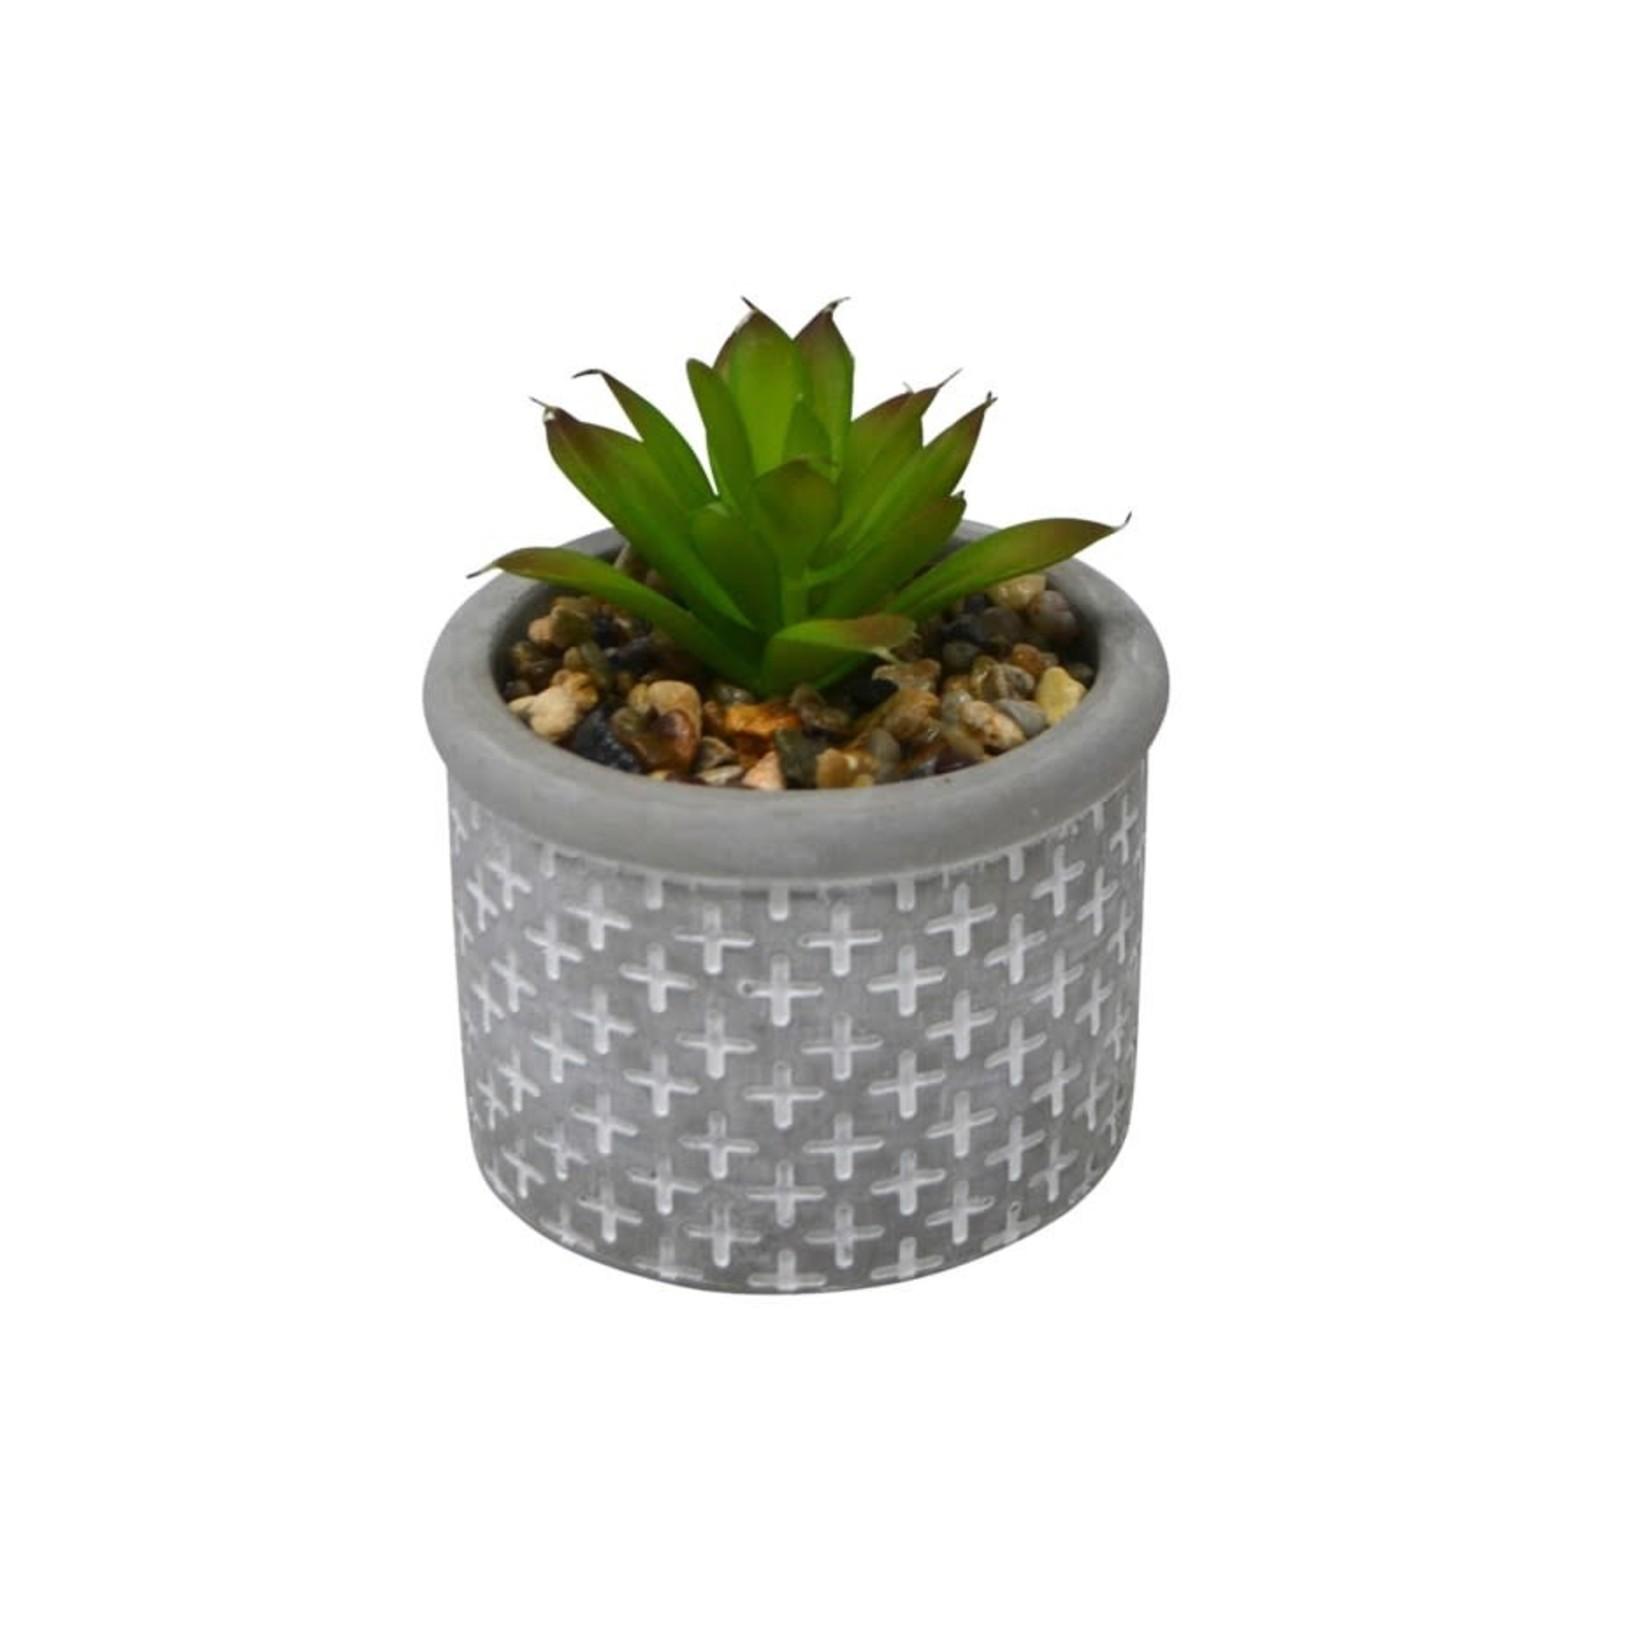 Scandi/Plant Pot